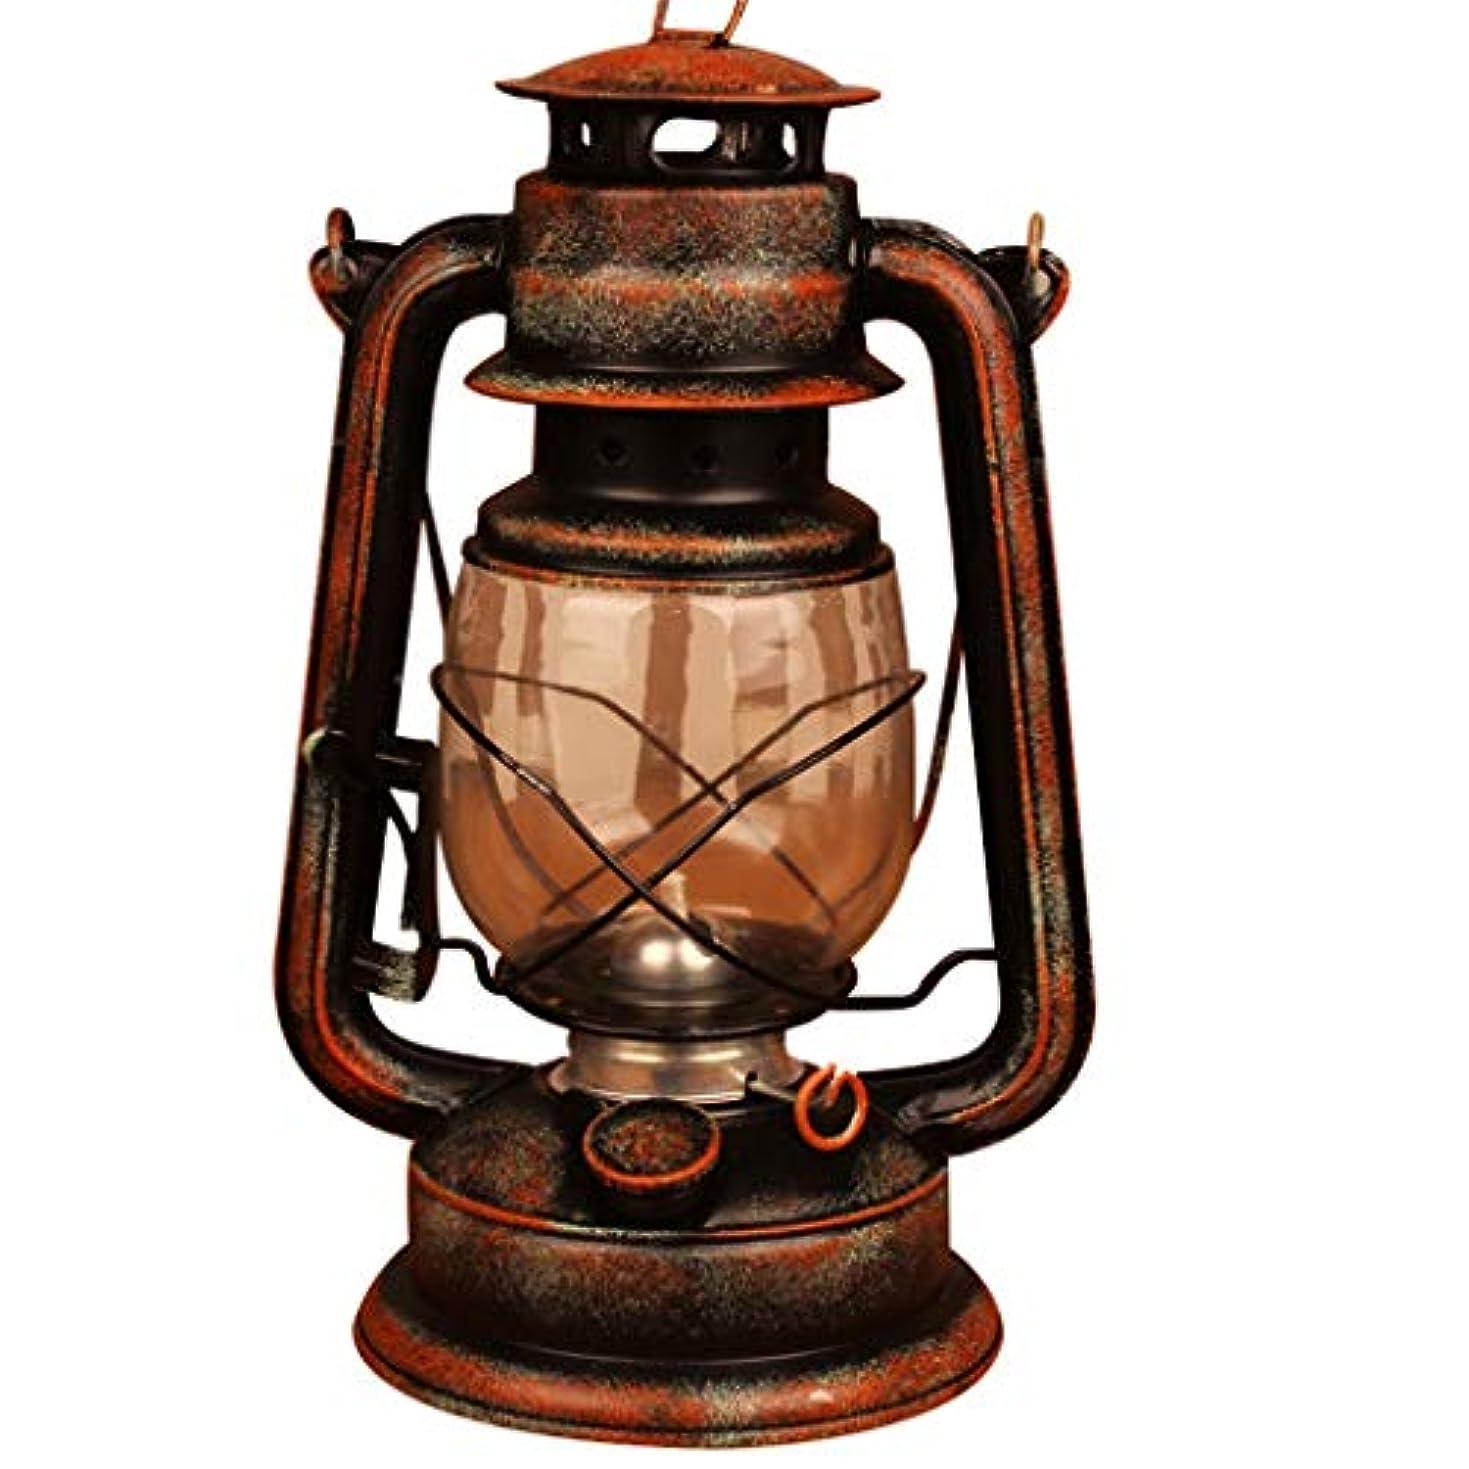 サミット野生大破28センチオールドブロンズ灯油ランプ/オールドオイルランプ/ヴィンテージ馬のランプ、農場に適したレトロなノスタルジックな写真撮影の小道具、キャンプ(オールドイエロー)